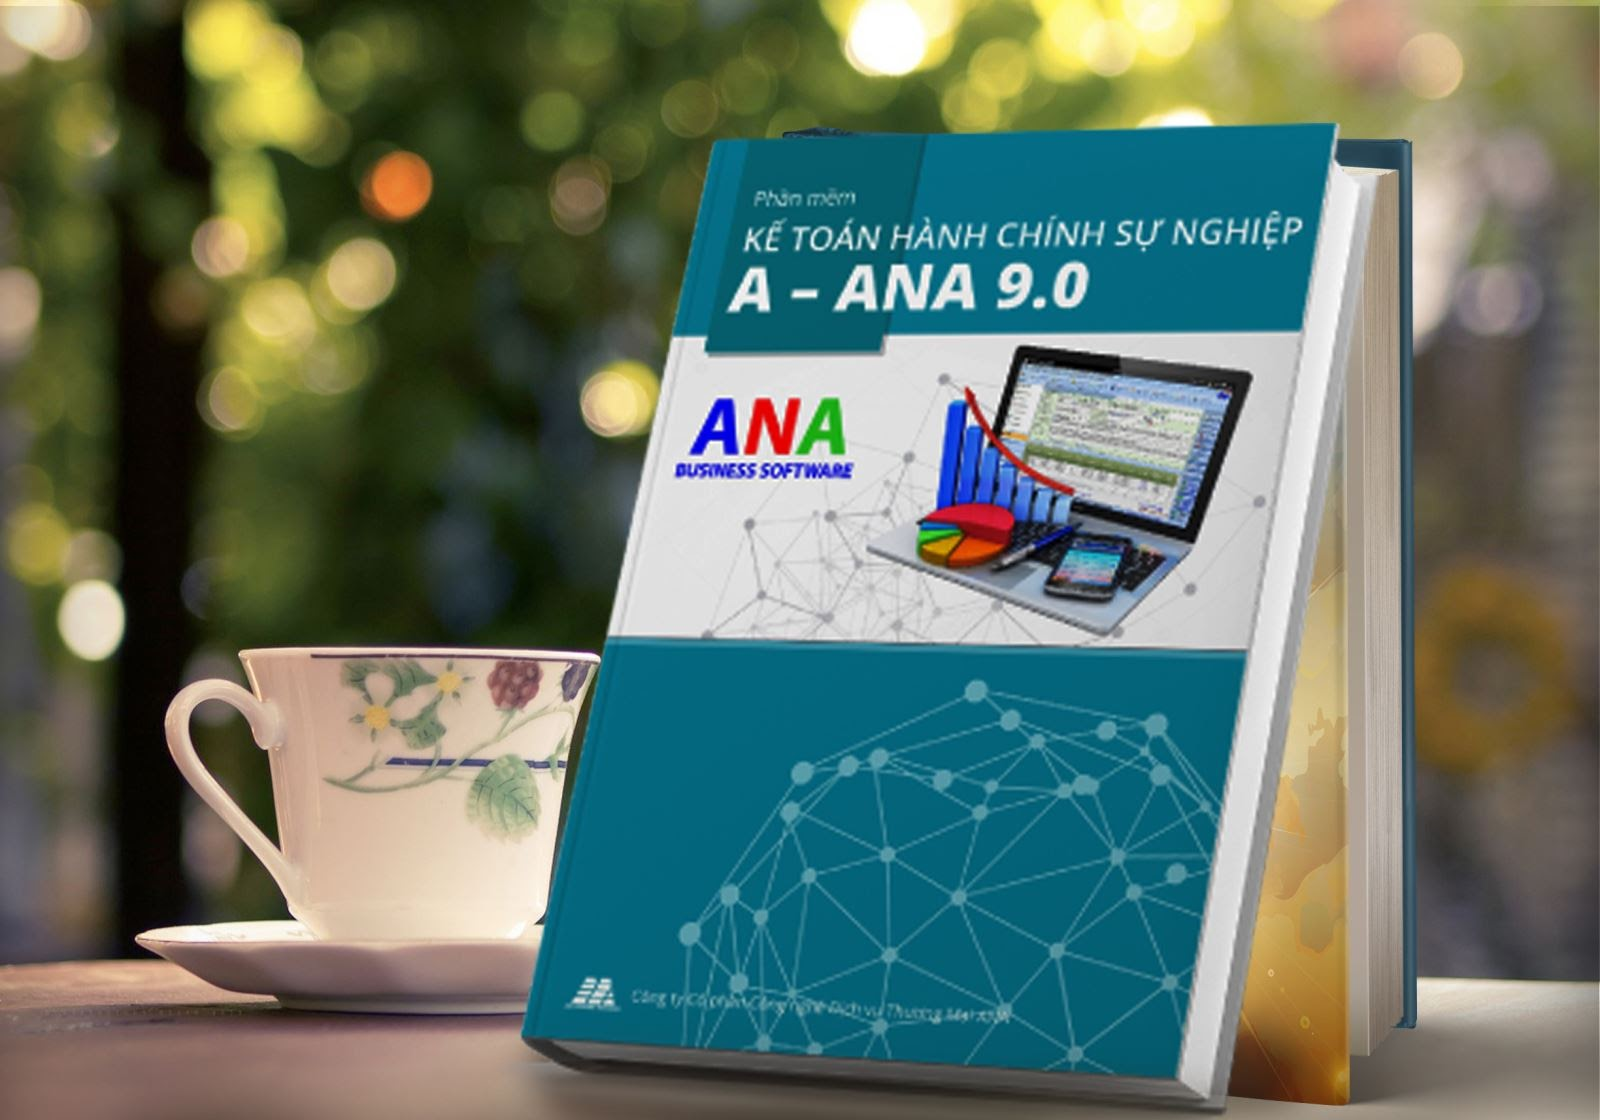 Phần mềm kế toán A - ANA 9.0